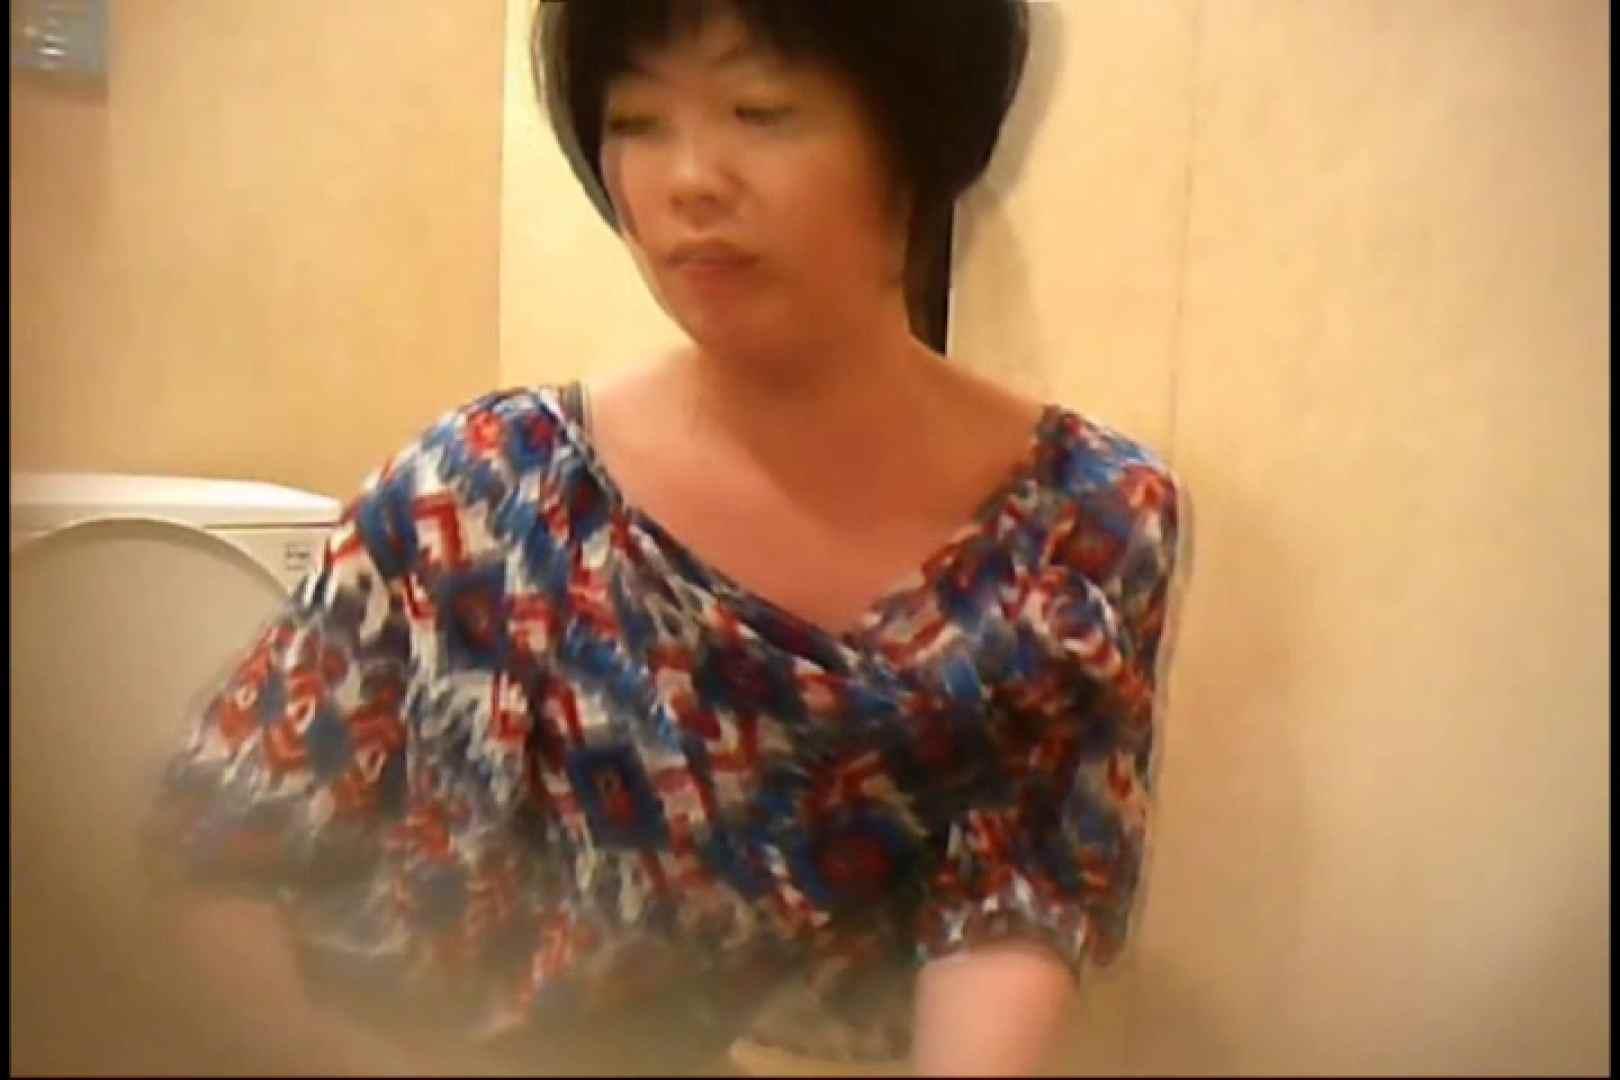 潜入!!女子化粧室盗撮~絶対見られたくない時間~vo,132 潜入突撃 AV動画キャプチャ 84pic 2